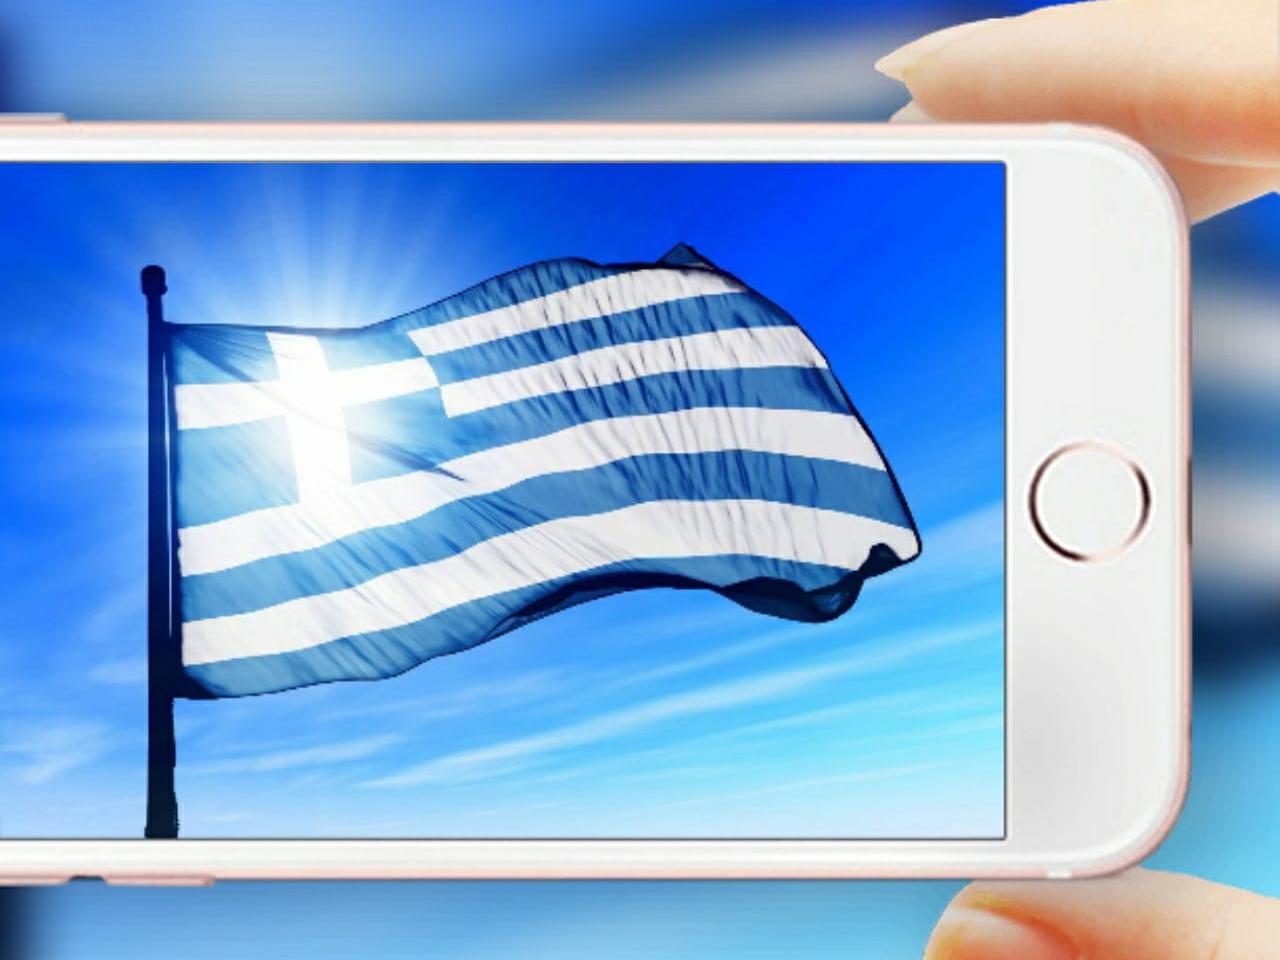 Šta je novi PLF obrazac koji svi turisti moraju imati za ulazak u Grčku i gde se popunjava